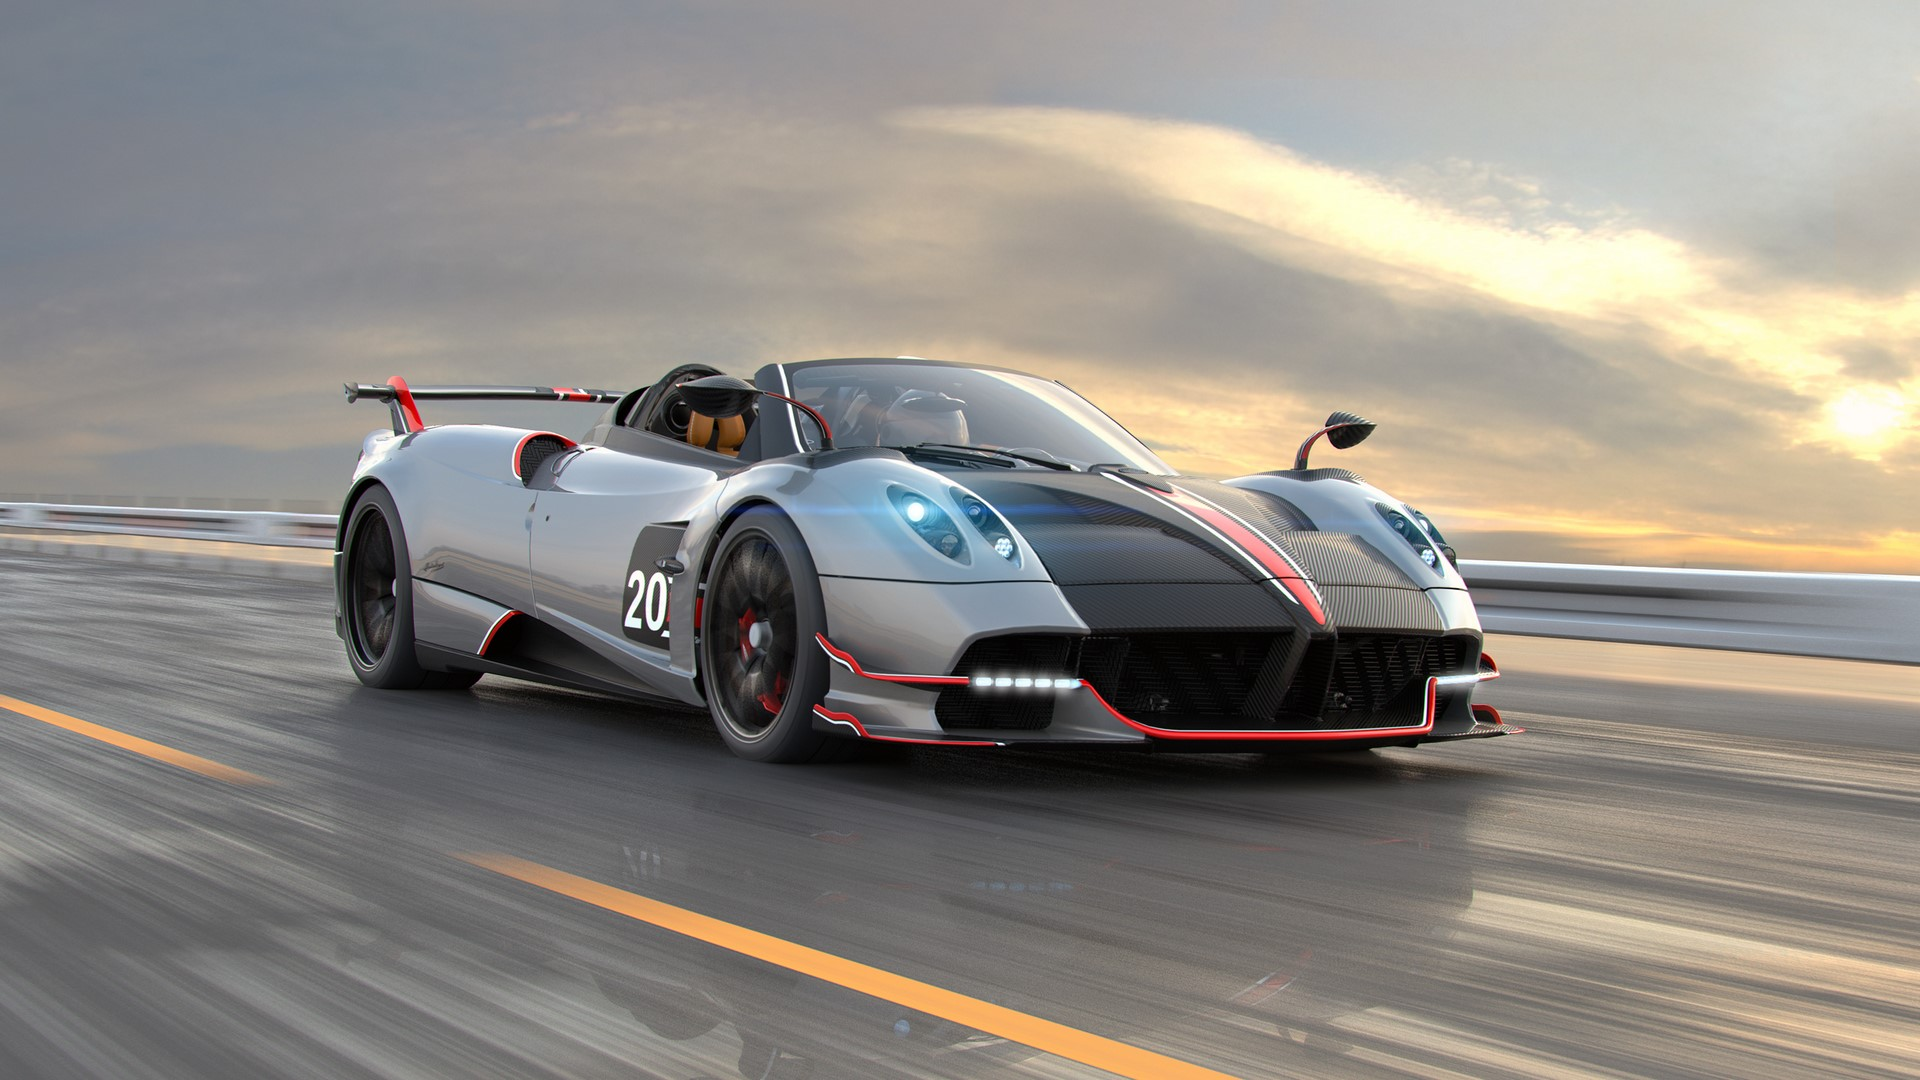 Pagani-Huayra-BC-Roadster-CSR-Racing-2-1